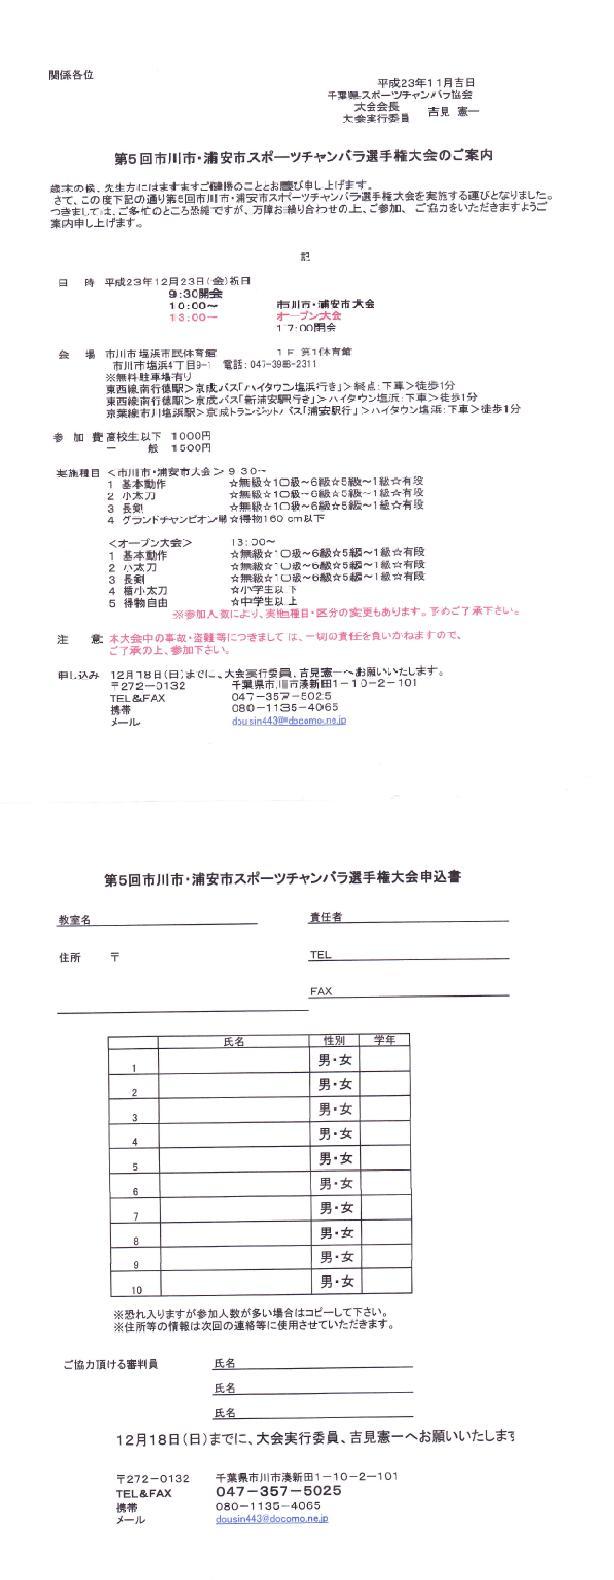 浦安・市川大会要項j